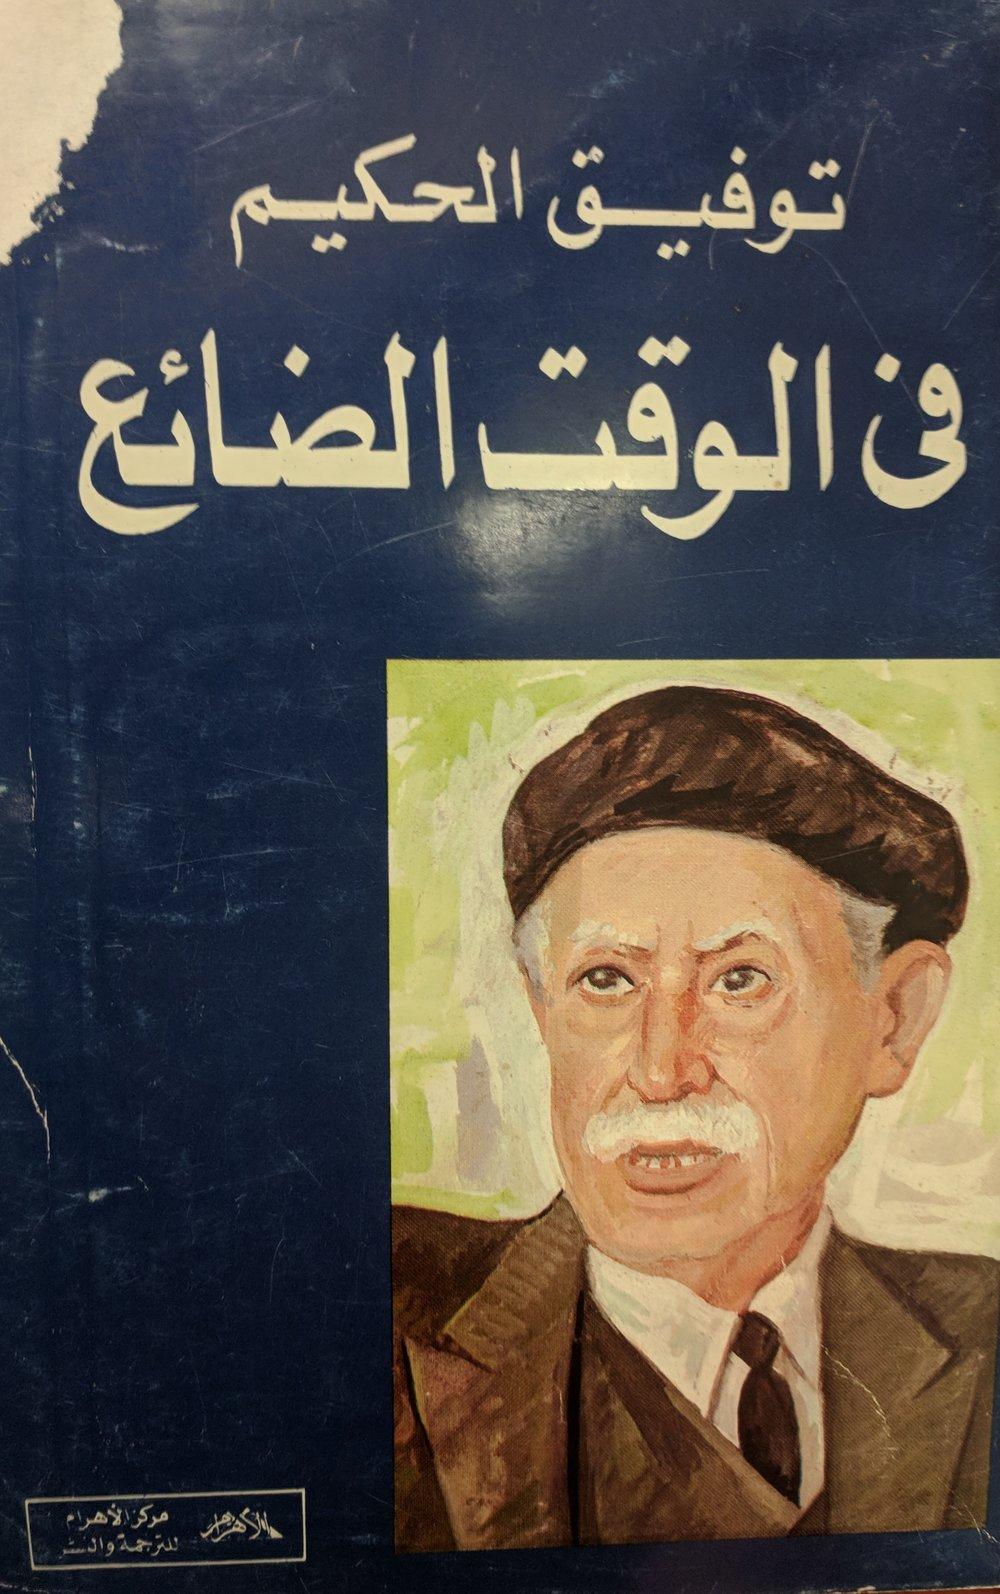 al-Qāhirah: Markaz al-Ahrām li-l-Tarjamah wa-l-Nashr, Mu'assasat al-Ahrām, 1987